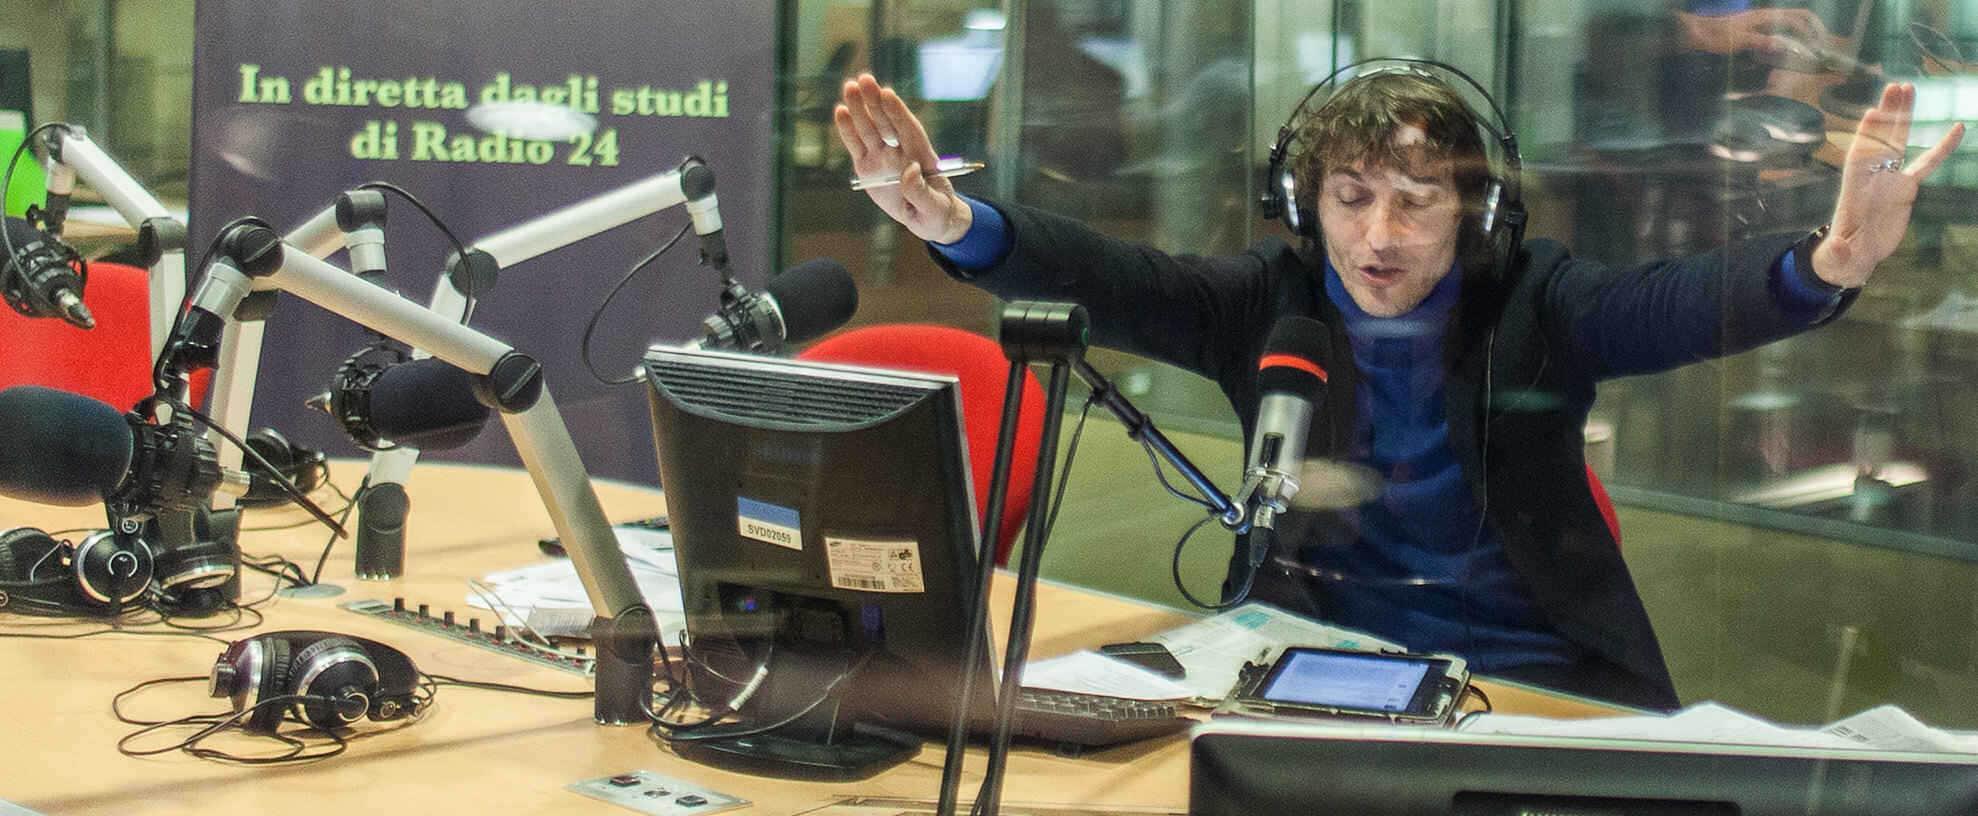 Giuseppe Cruciani conduttore del programma radiofonico La Zanzara